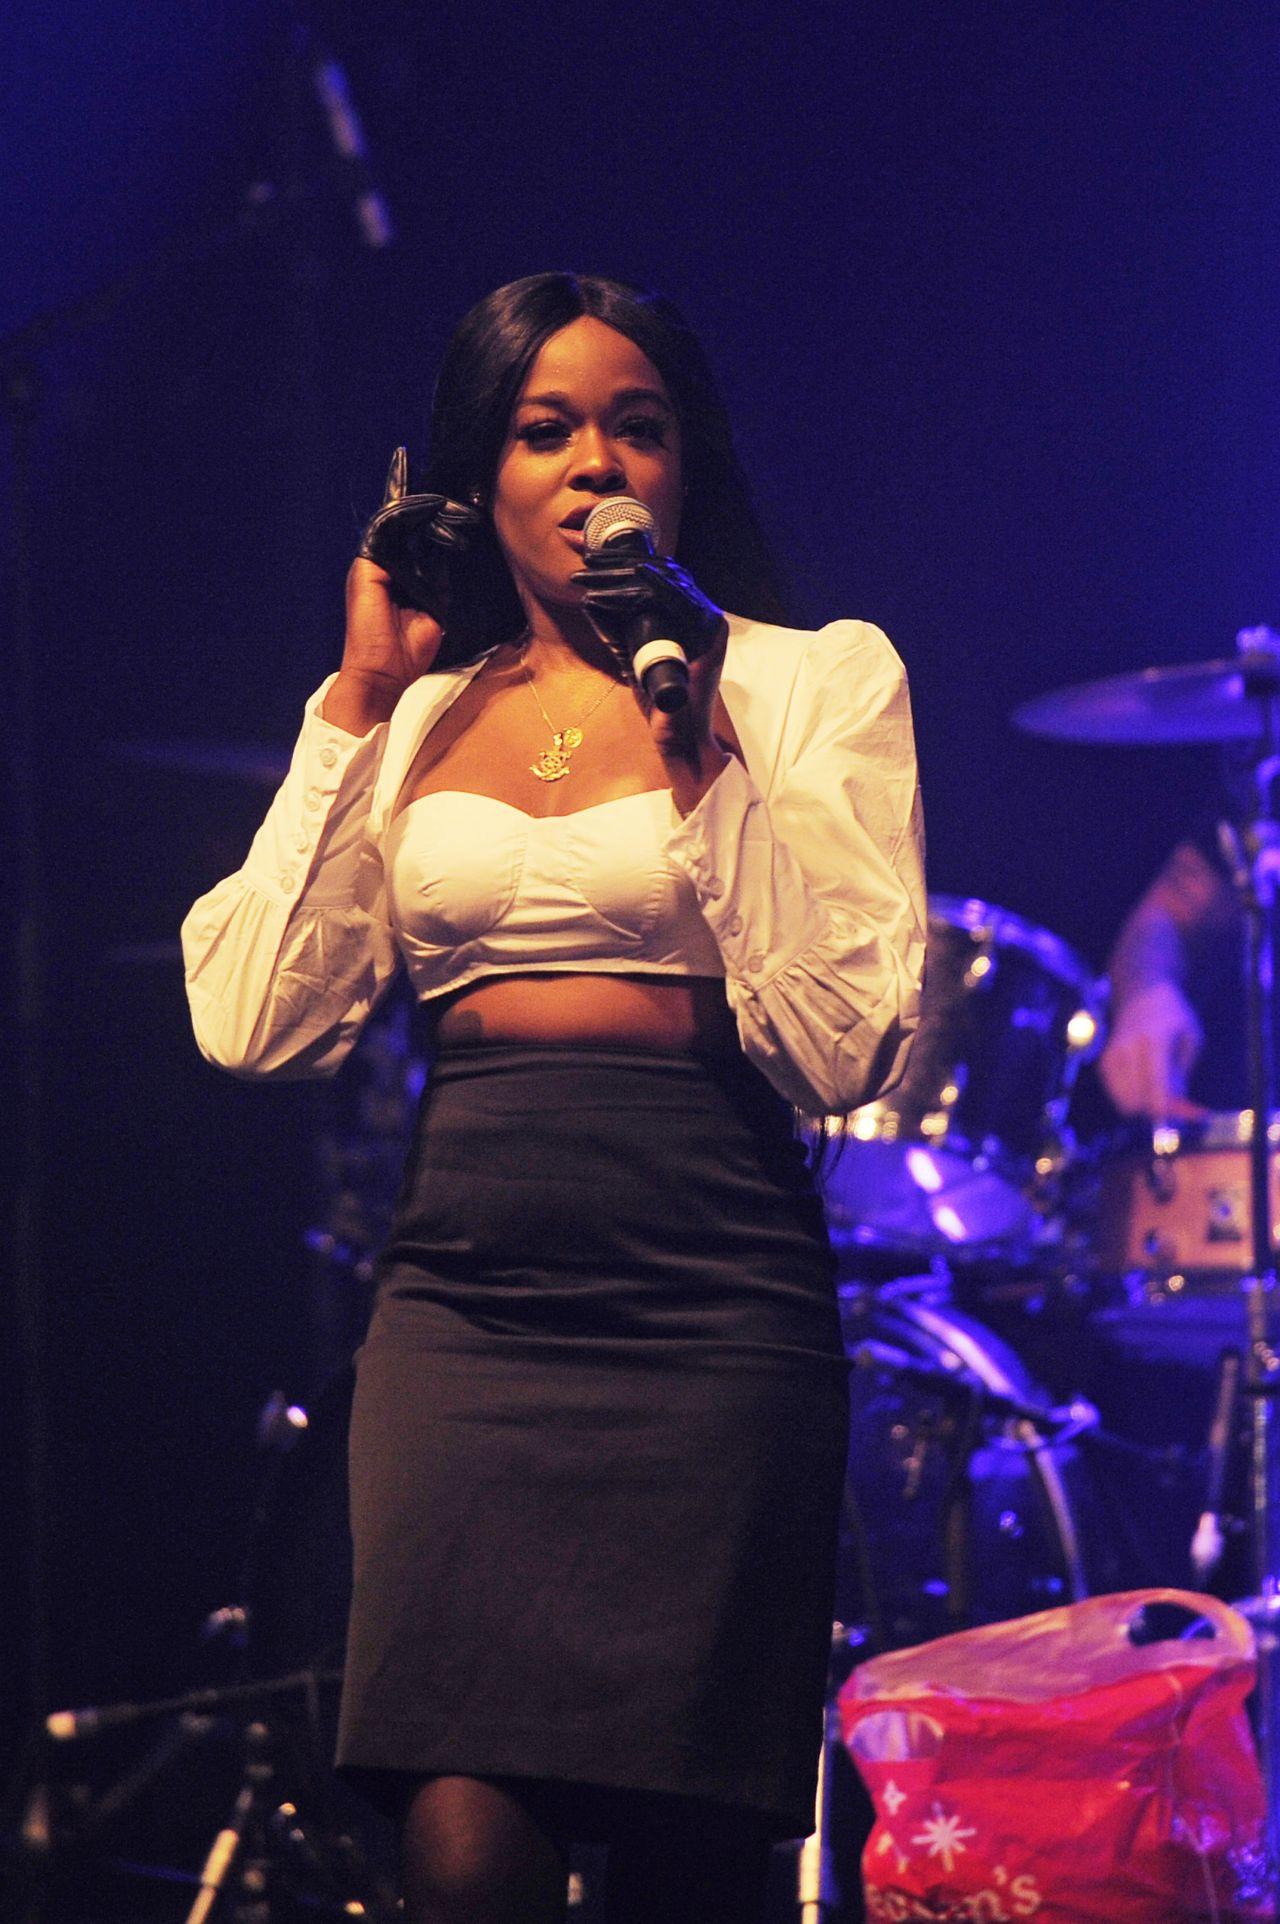 Azealia Banks - Performing in London 01/27/2019 • CelebMafia